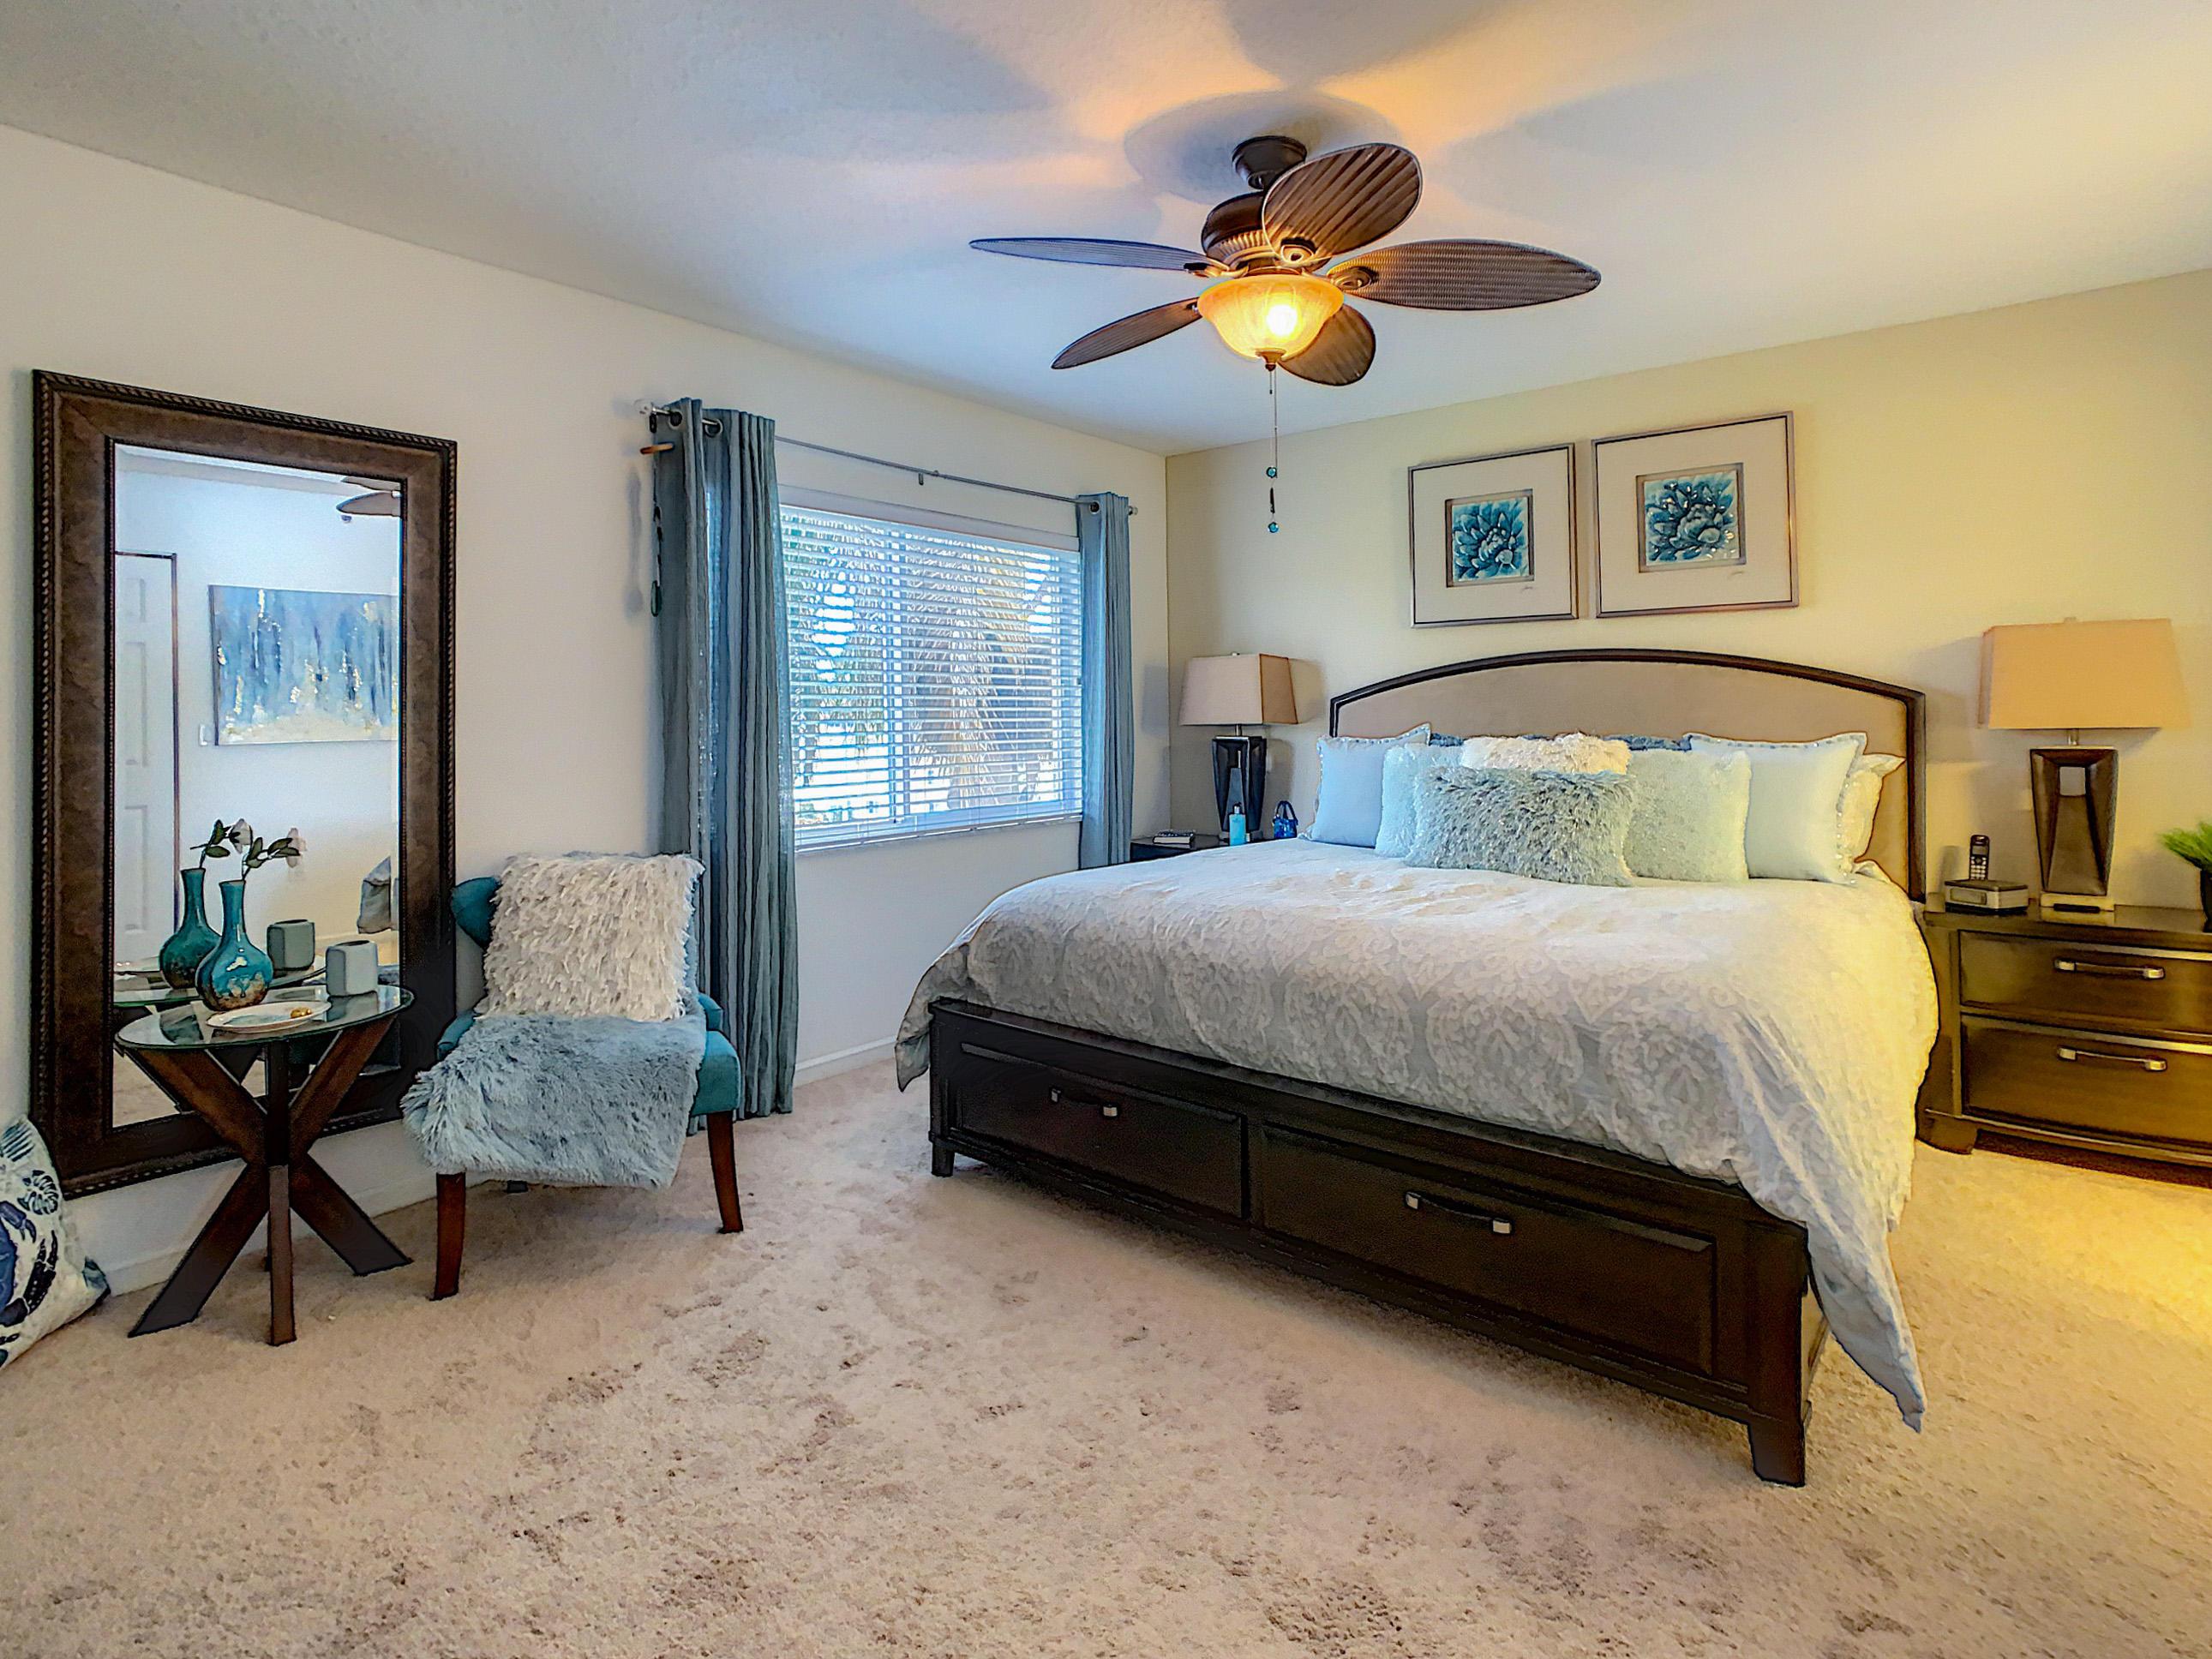 12547 Imperial Isle Drive 402 Boynton Beach, FL 33437 photo 8